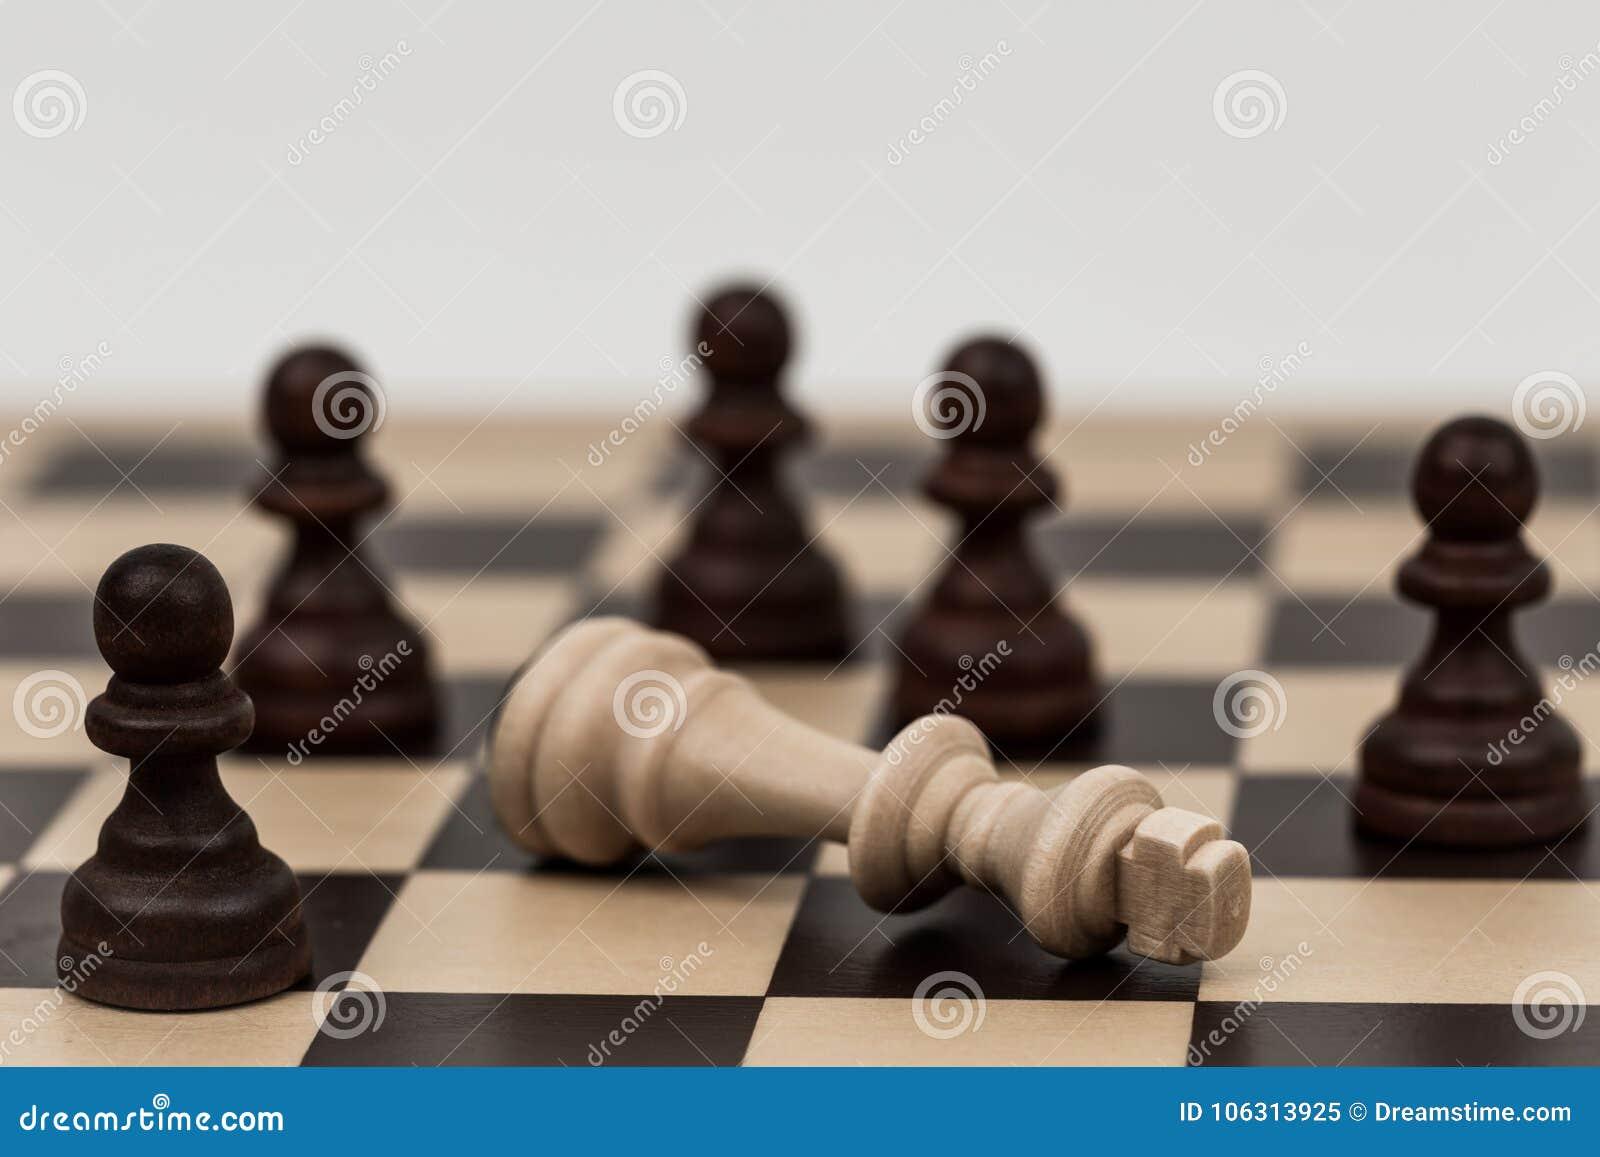 Ο βασιλιάς στο σκάκι έχει πέσει σε διάφορα ενέχυρα